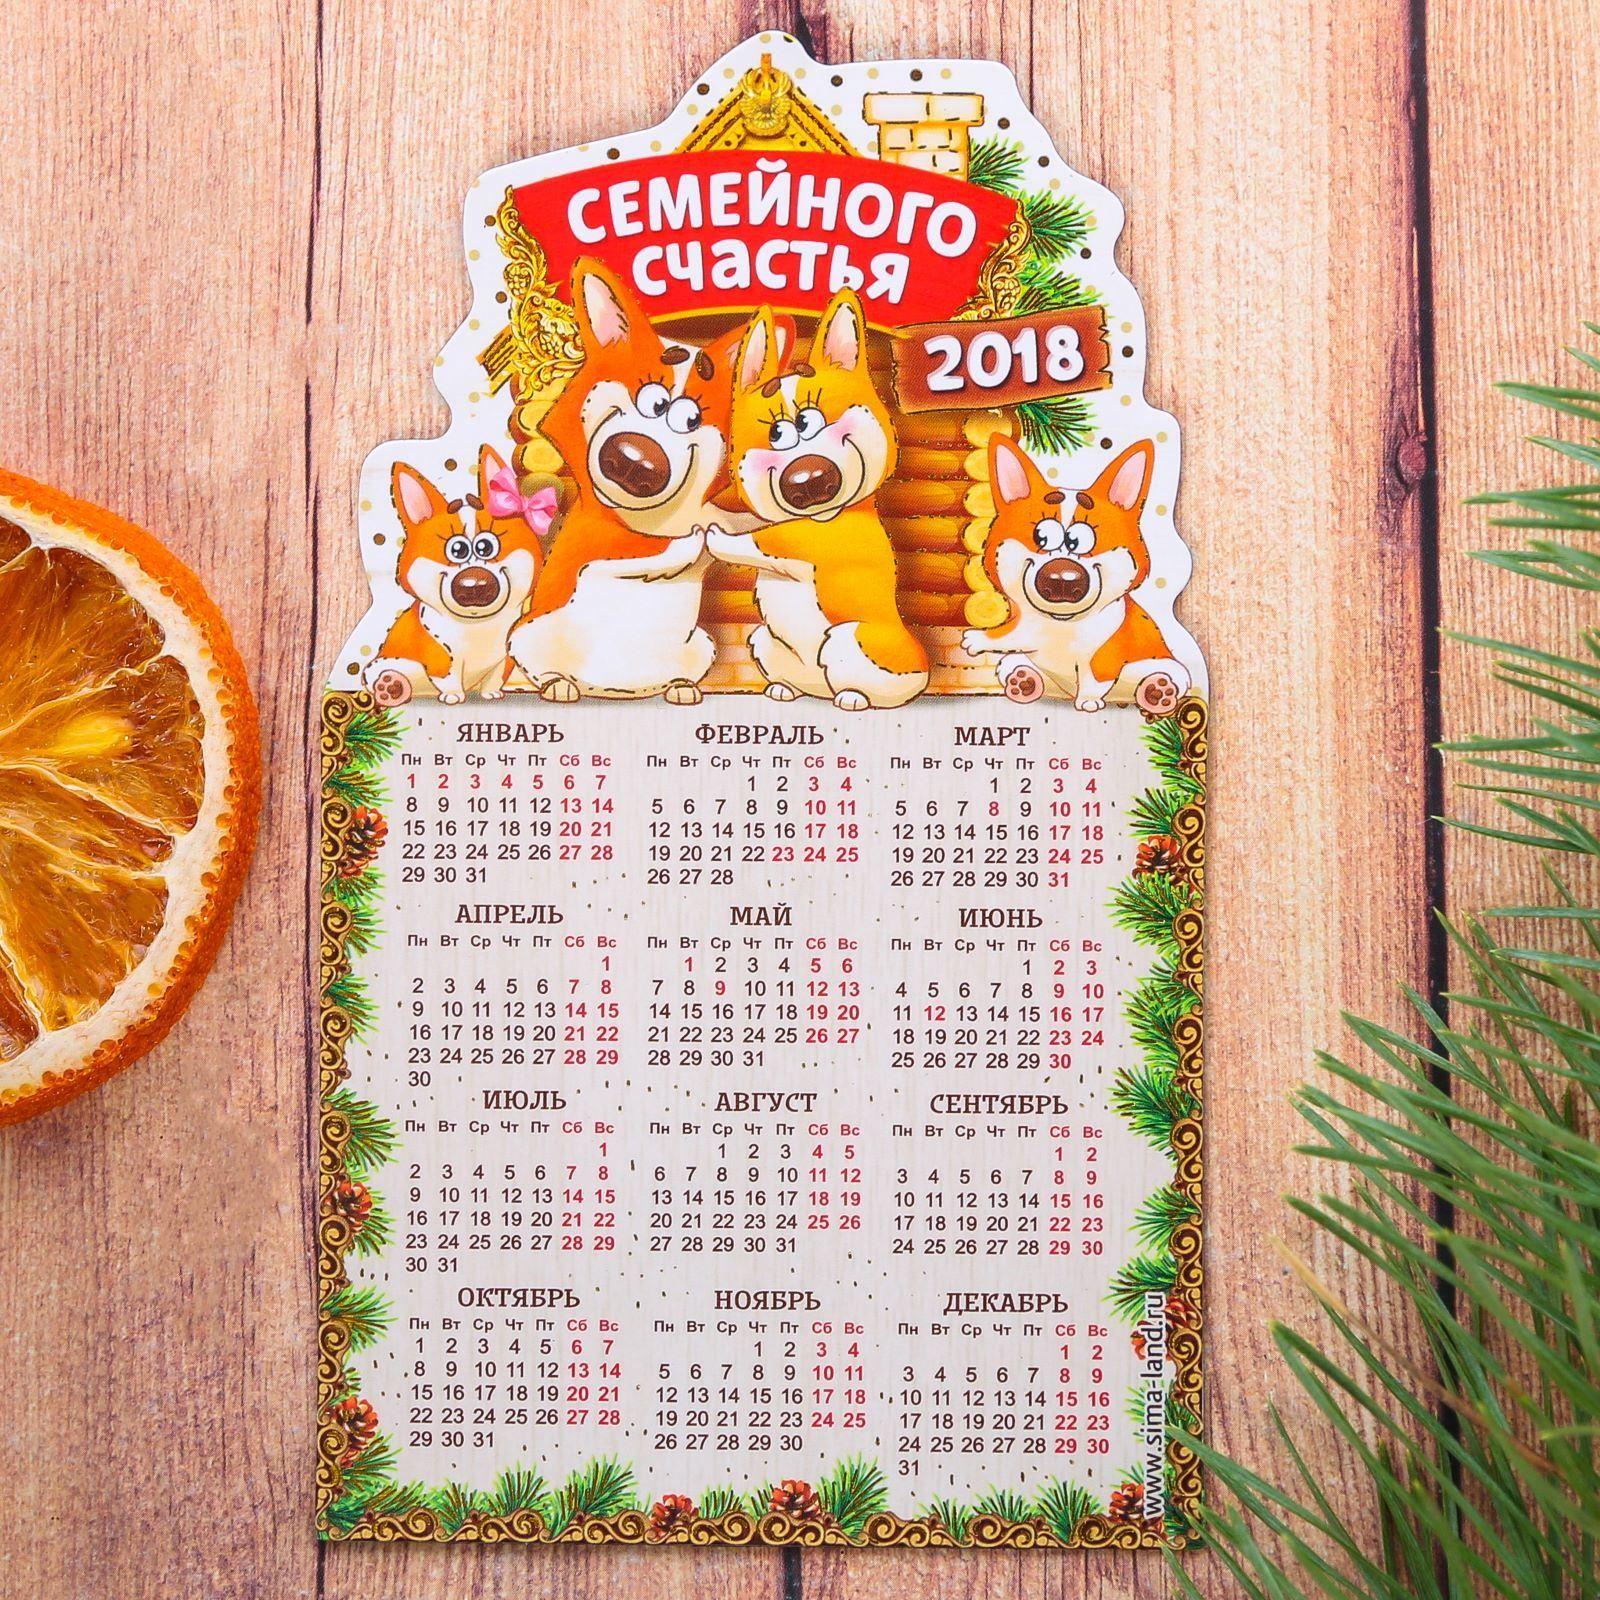 Магнит Sima-land Семейного счастья, с календарем, 8 х 13,7 см1894076Порадуйте родных и близких оригинальным сувениром: преподнесите в подарок магнит. С ним даже самый серьёзный человек почувствует себя ребёнком, ожидающим чудо! Создайте праздничное настроение, и оно останется с вами на весь год.